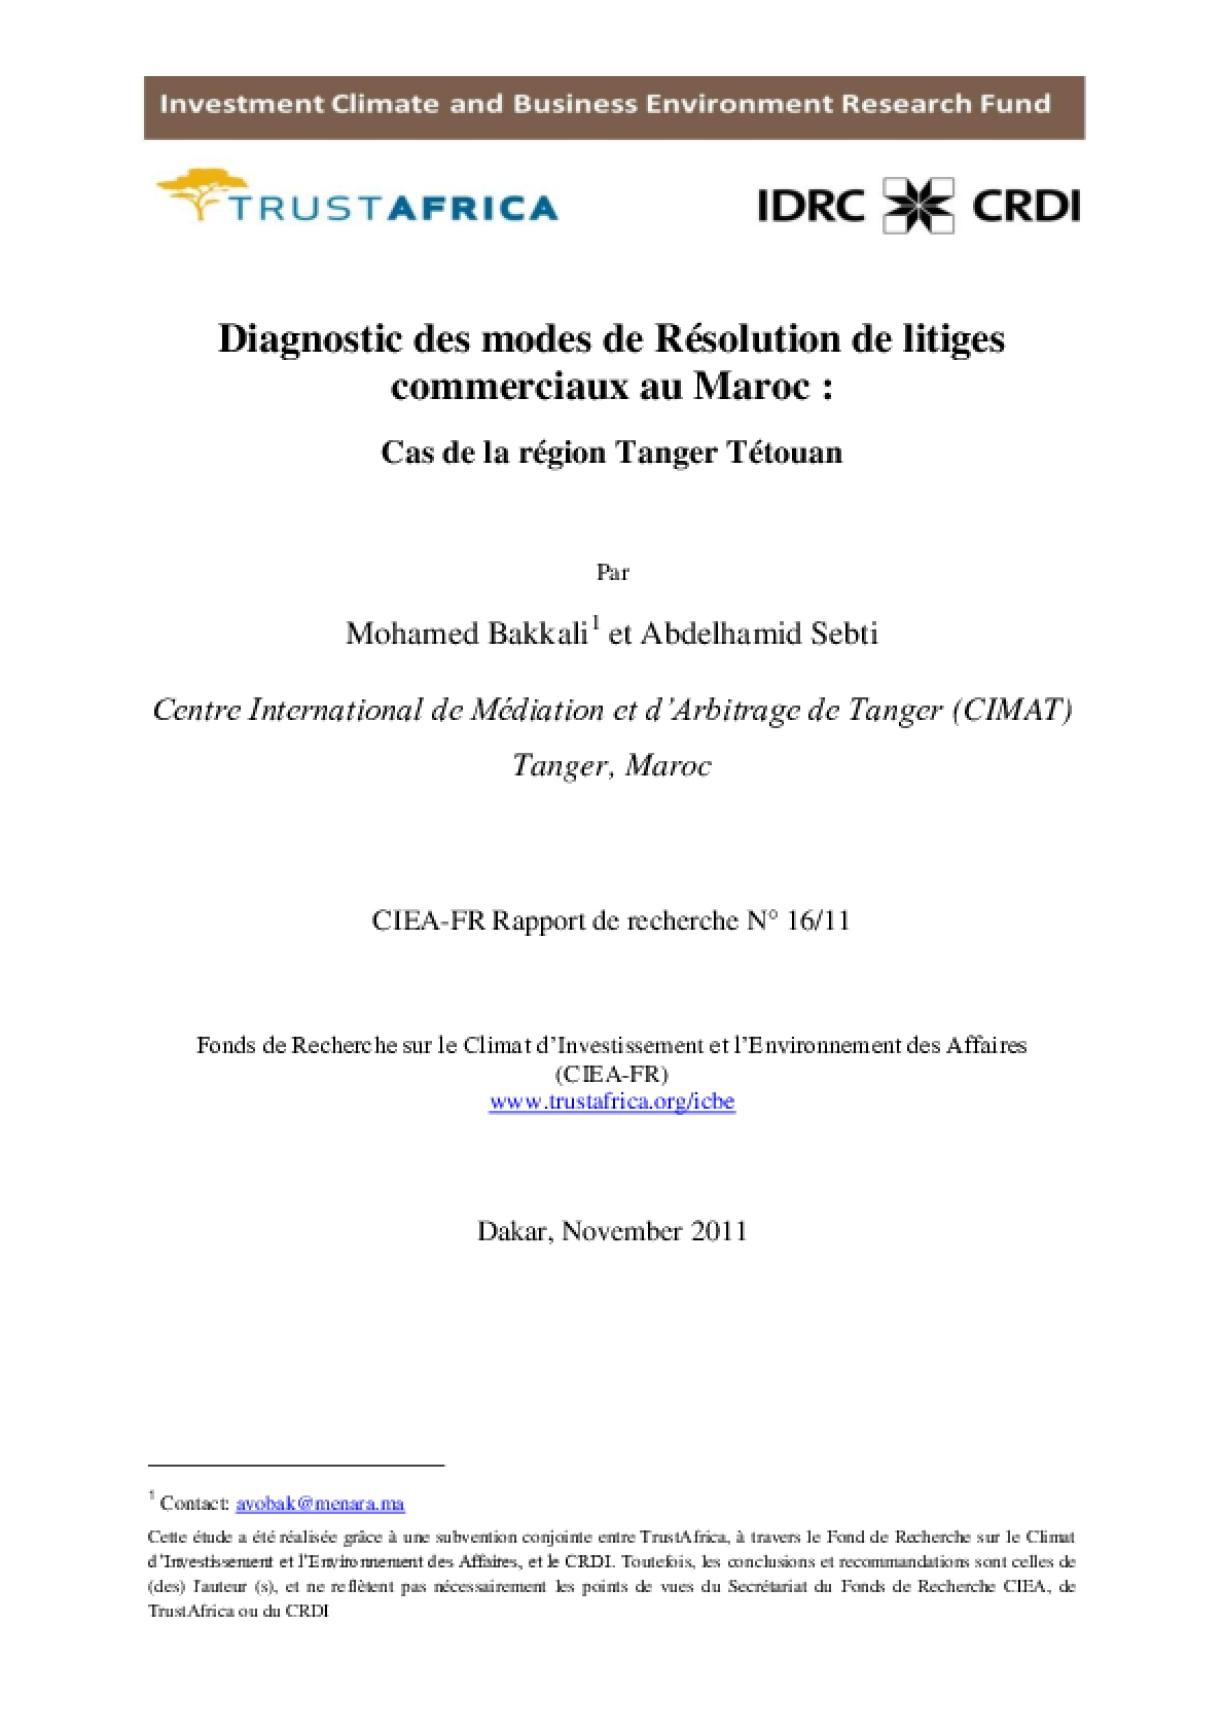 Diagnostic Des Modes De Résolution De Litiges Commerciaux Au Maroc : Cas De La Région Tanger Tétouan